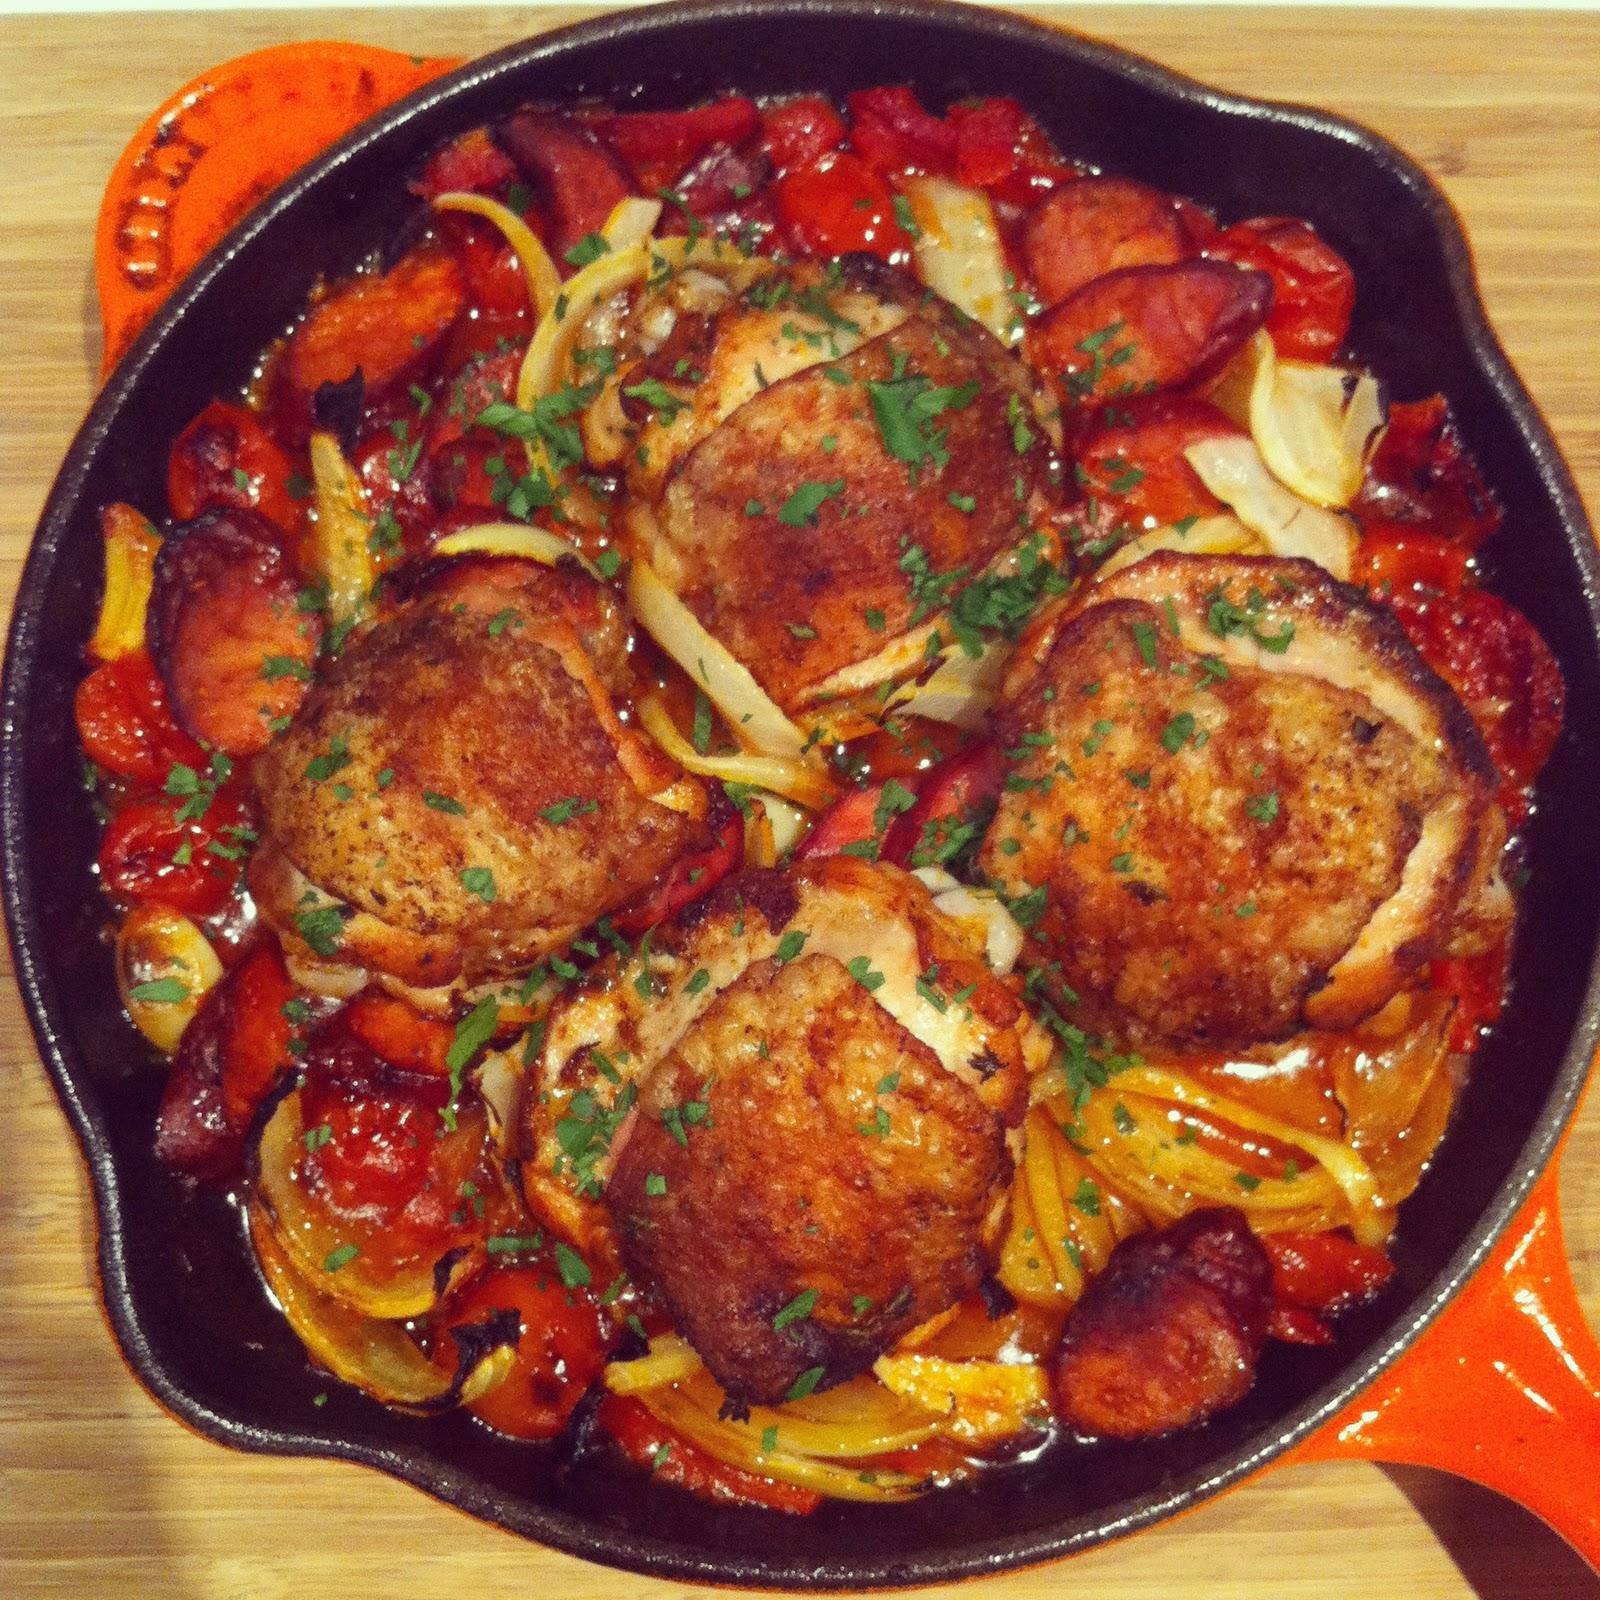 Everyday Gourmet: Skillet Spanish Chicken